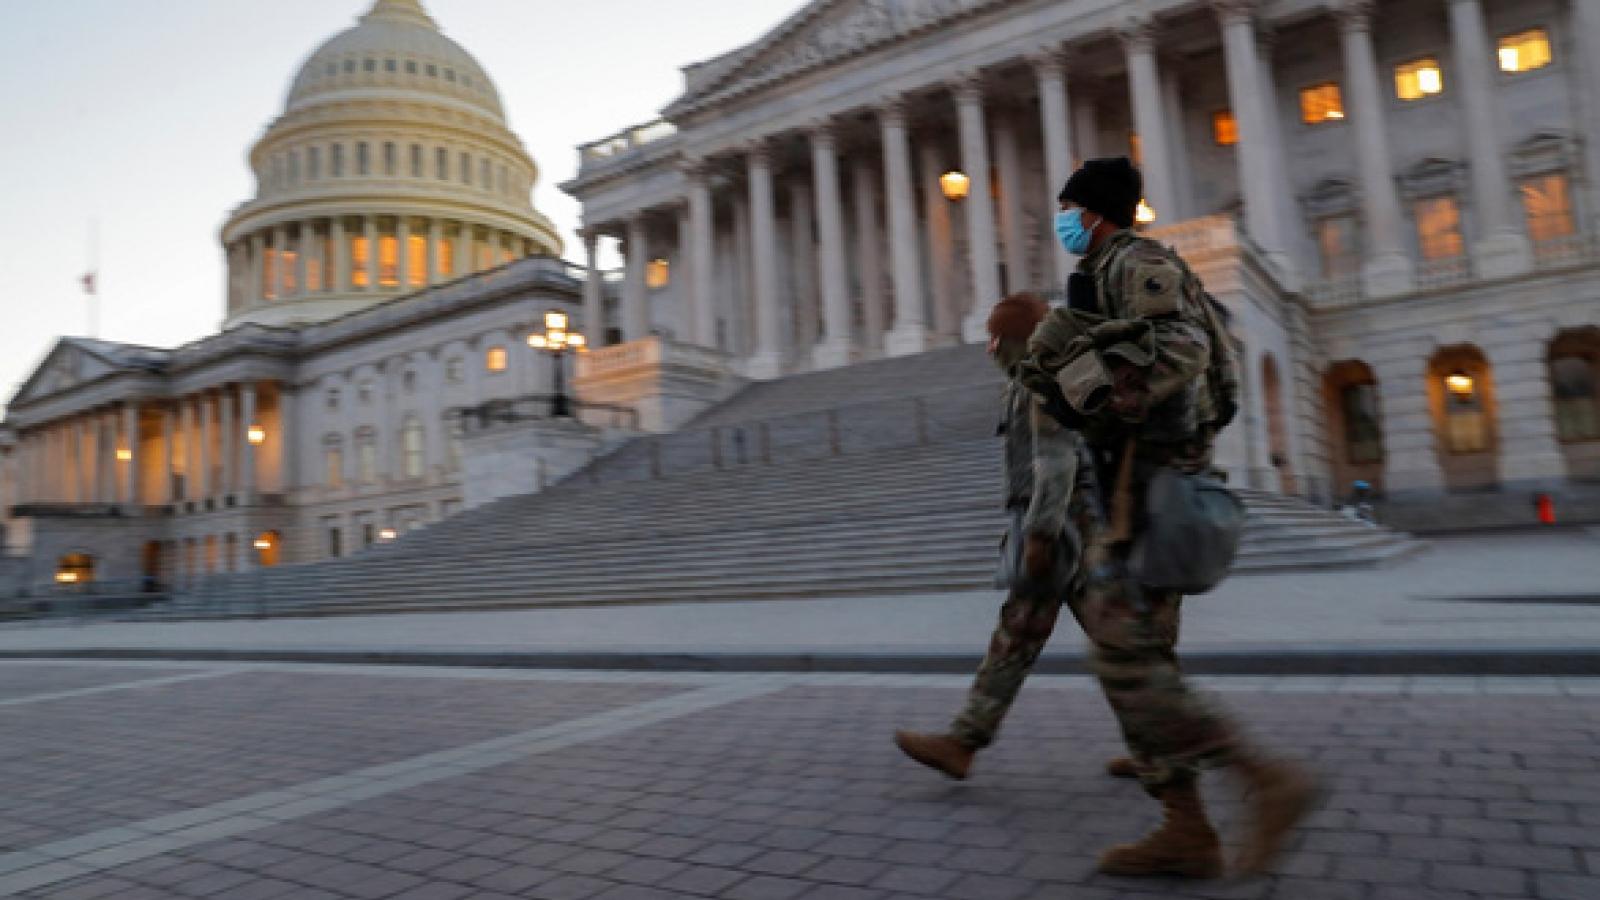 Mỹ tăng cường an ninh tối đa trước thềm lễ nhậm chức của Tổng thống đắc cử Joe Biden